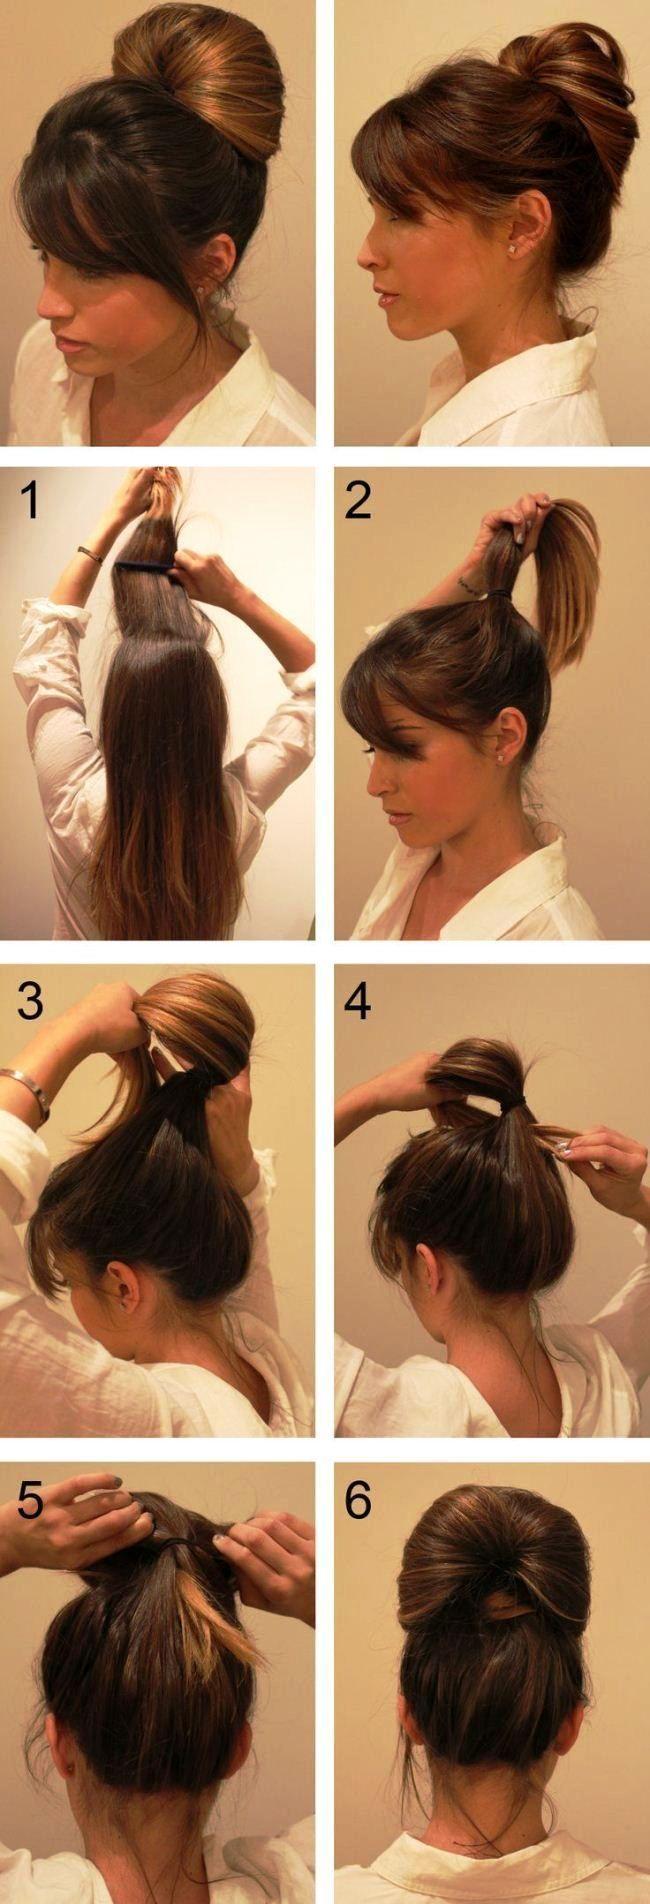 Einfache Party-Frisuren für lange Haare Tutorials Schritt für Schritt 2019 #pa - #einfache #Stile #Haar #Lange